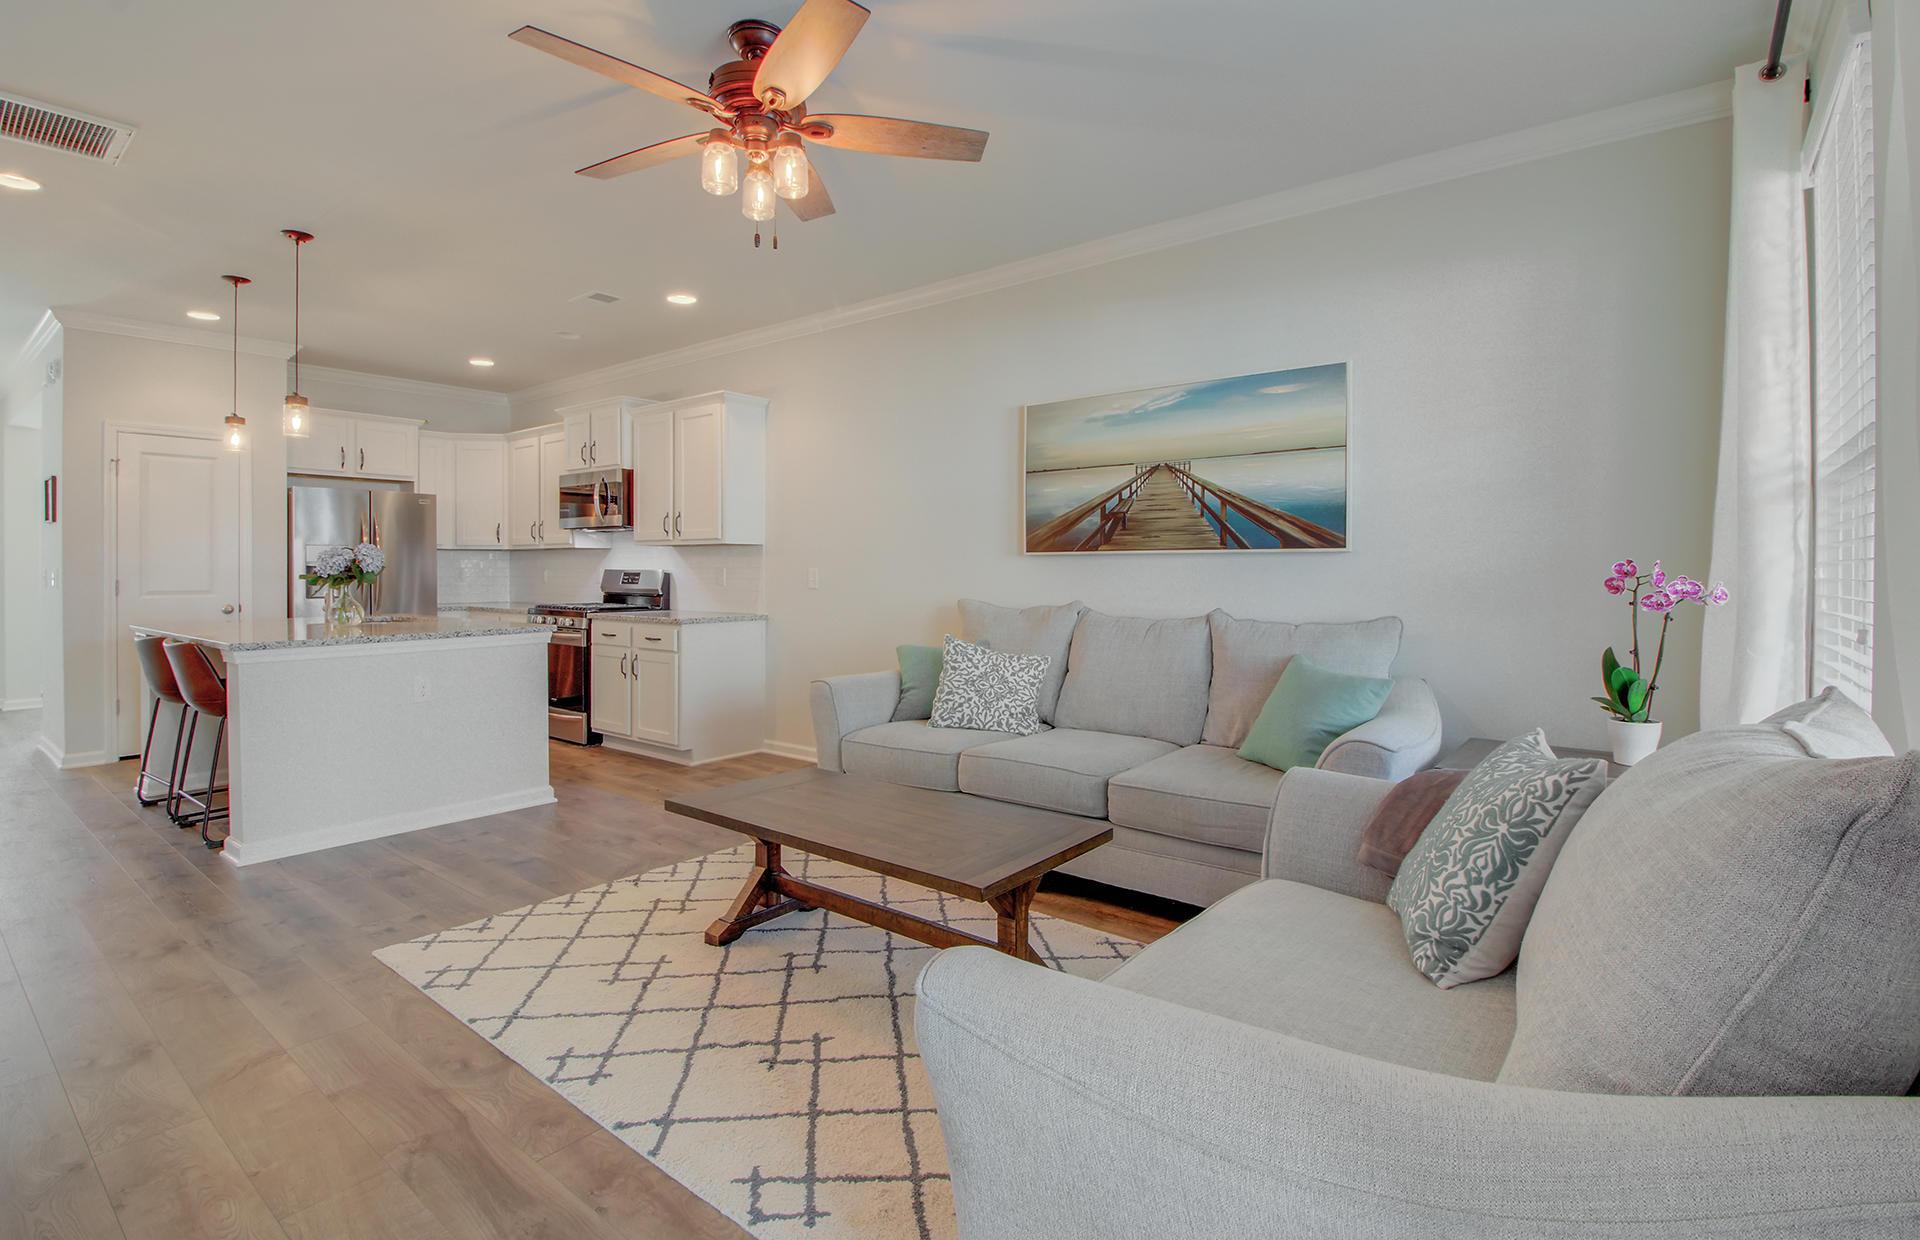 Park West Homes For Sale - 2569 Kingsfield, Mount Pleasant, SC - 22